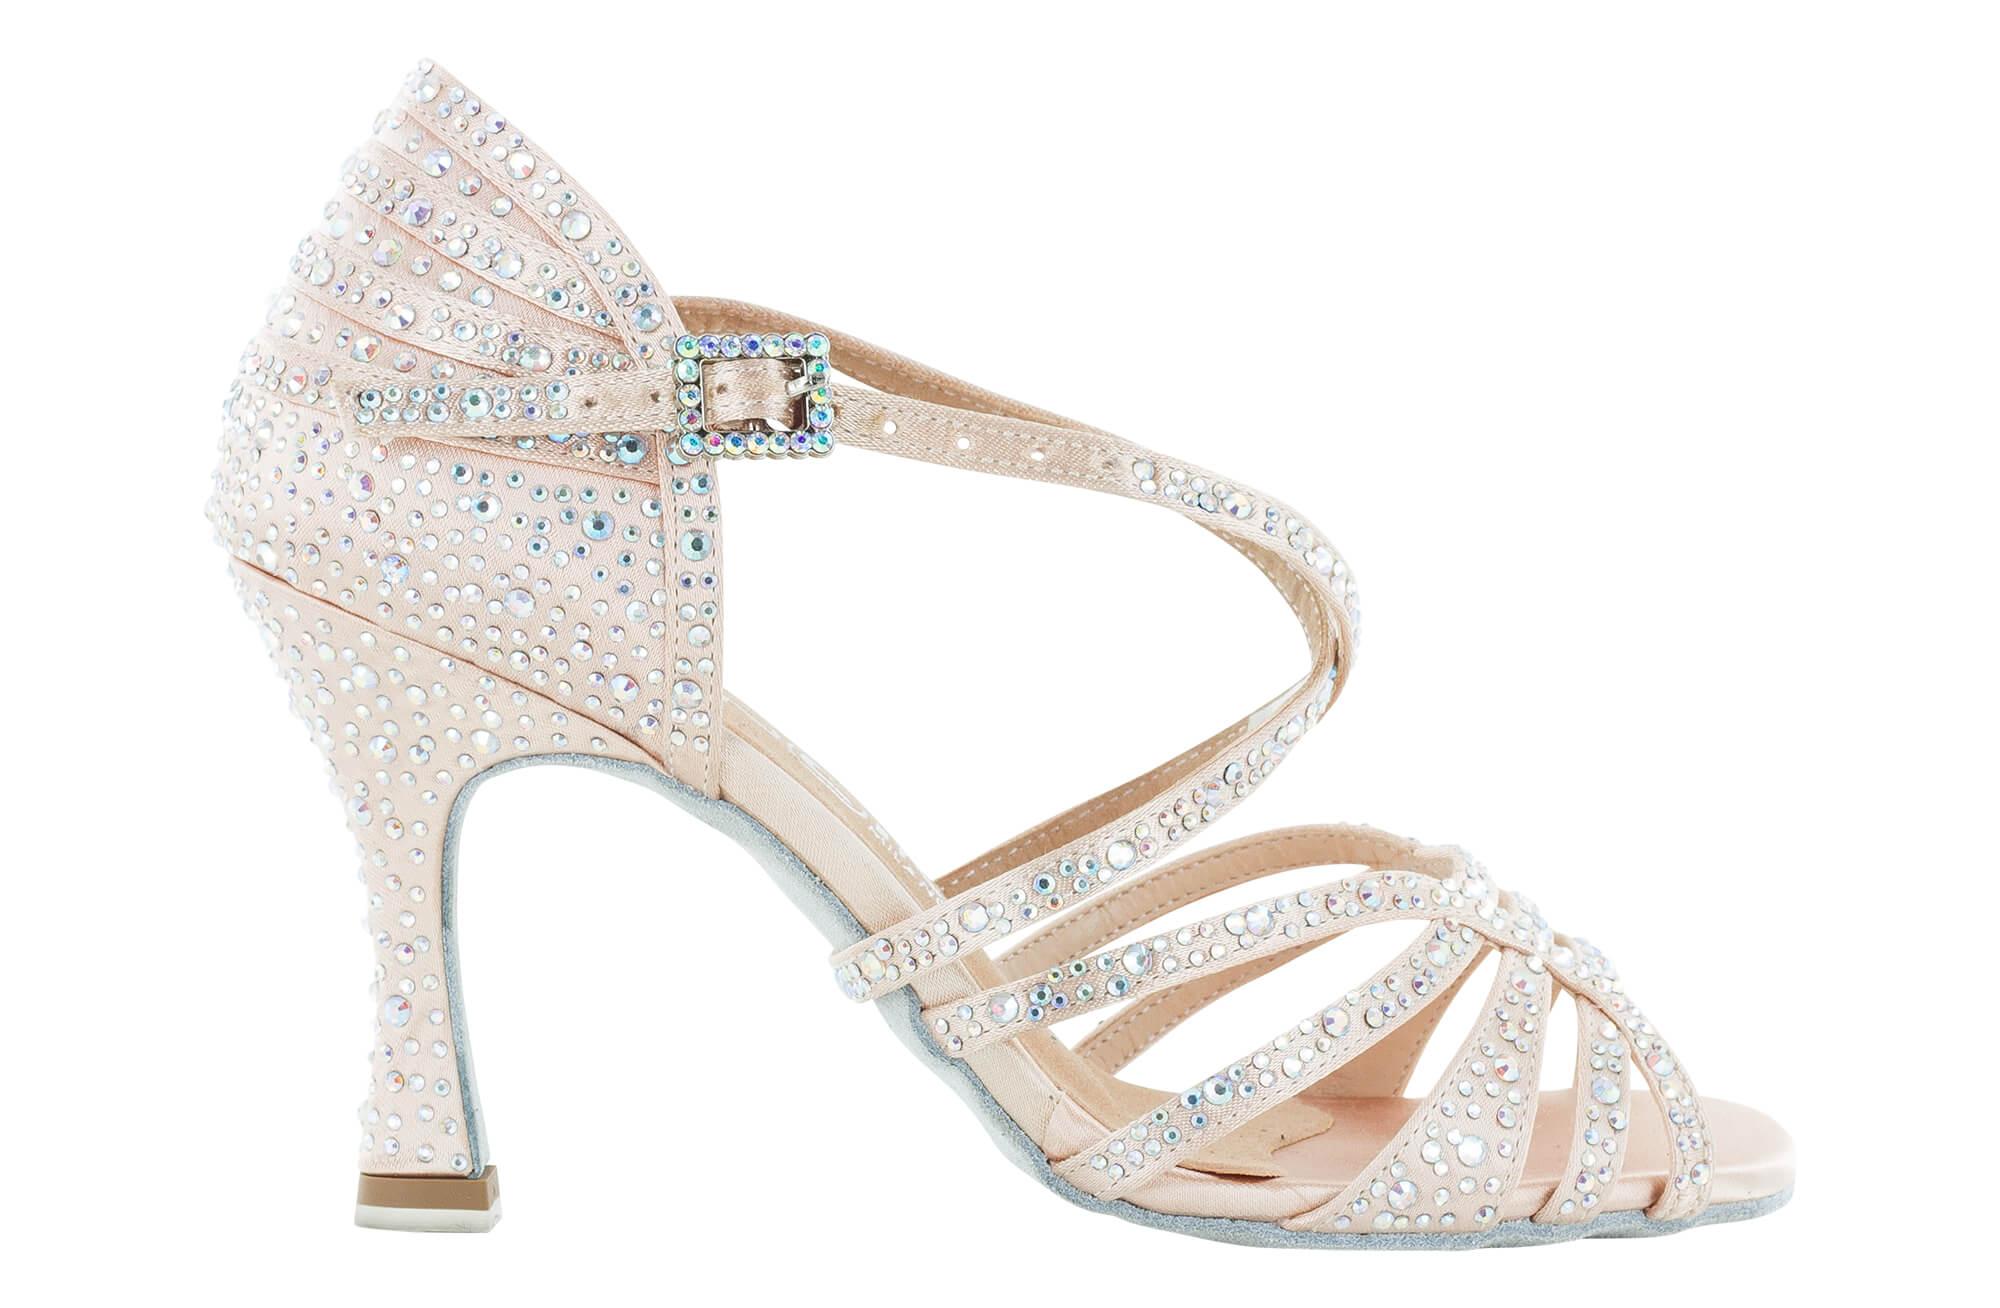 Zapato de baile Danc'in en Raso Rosa pálido con Tacón de 8cm